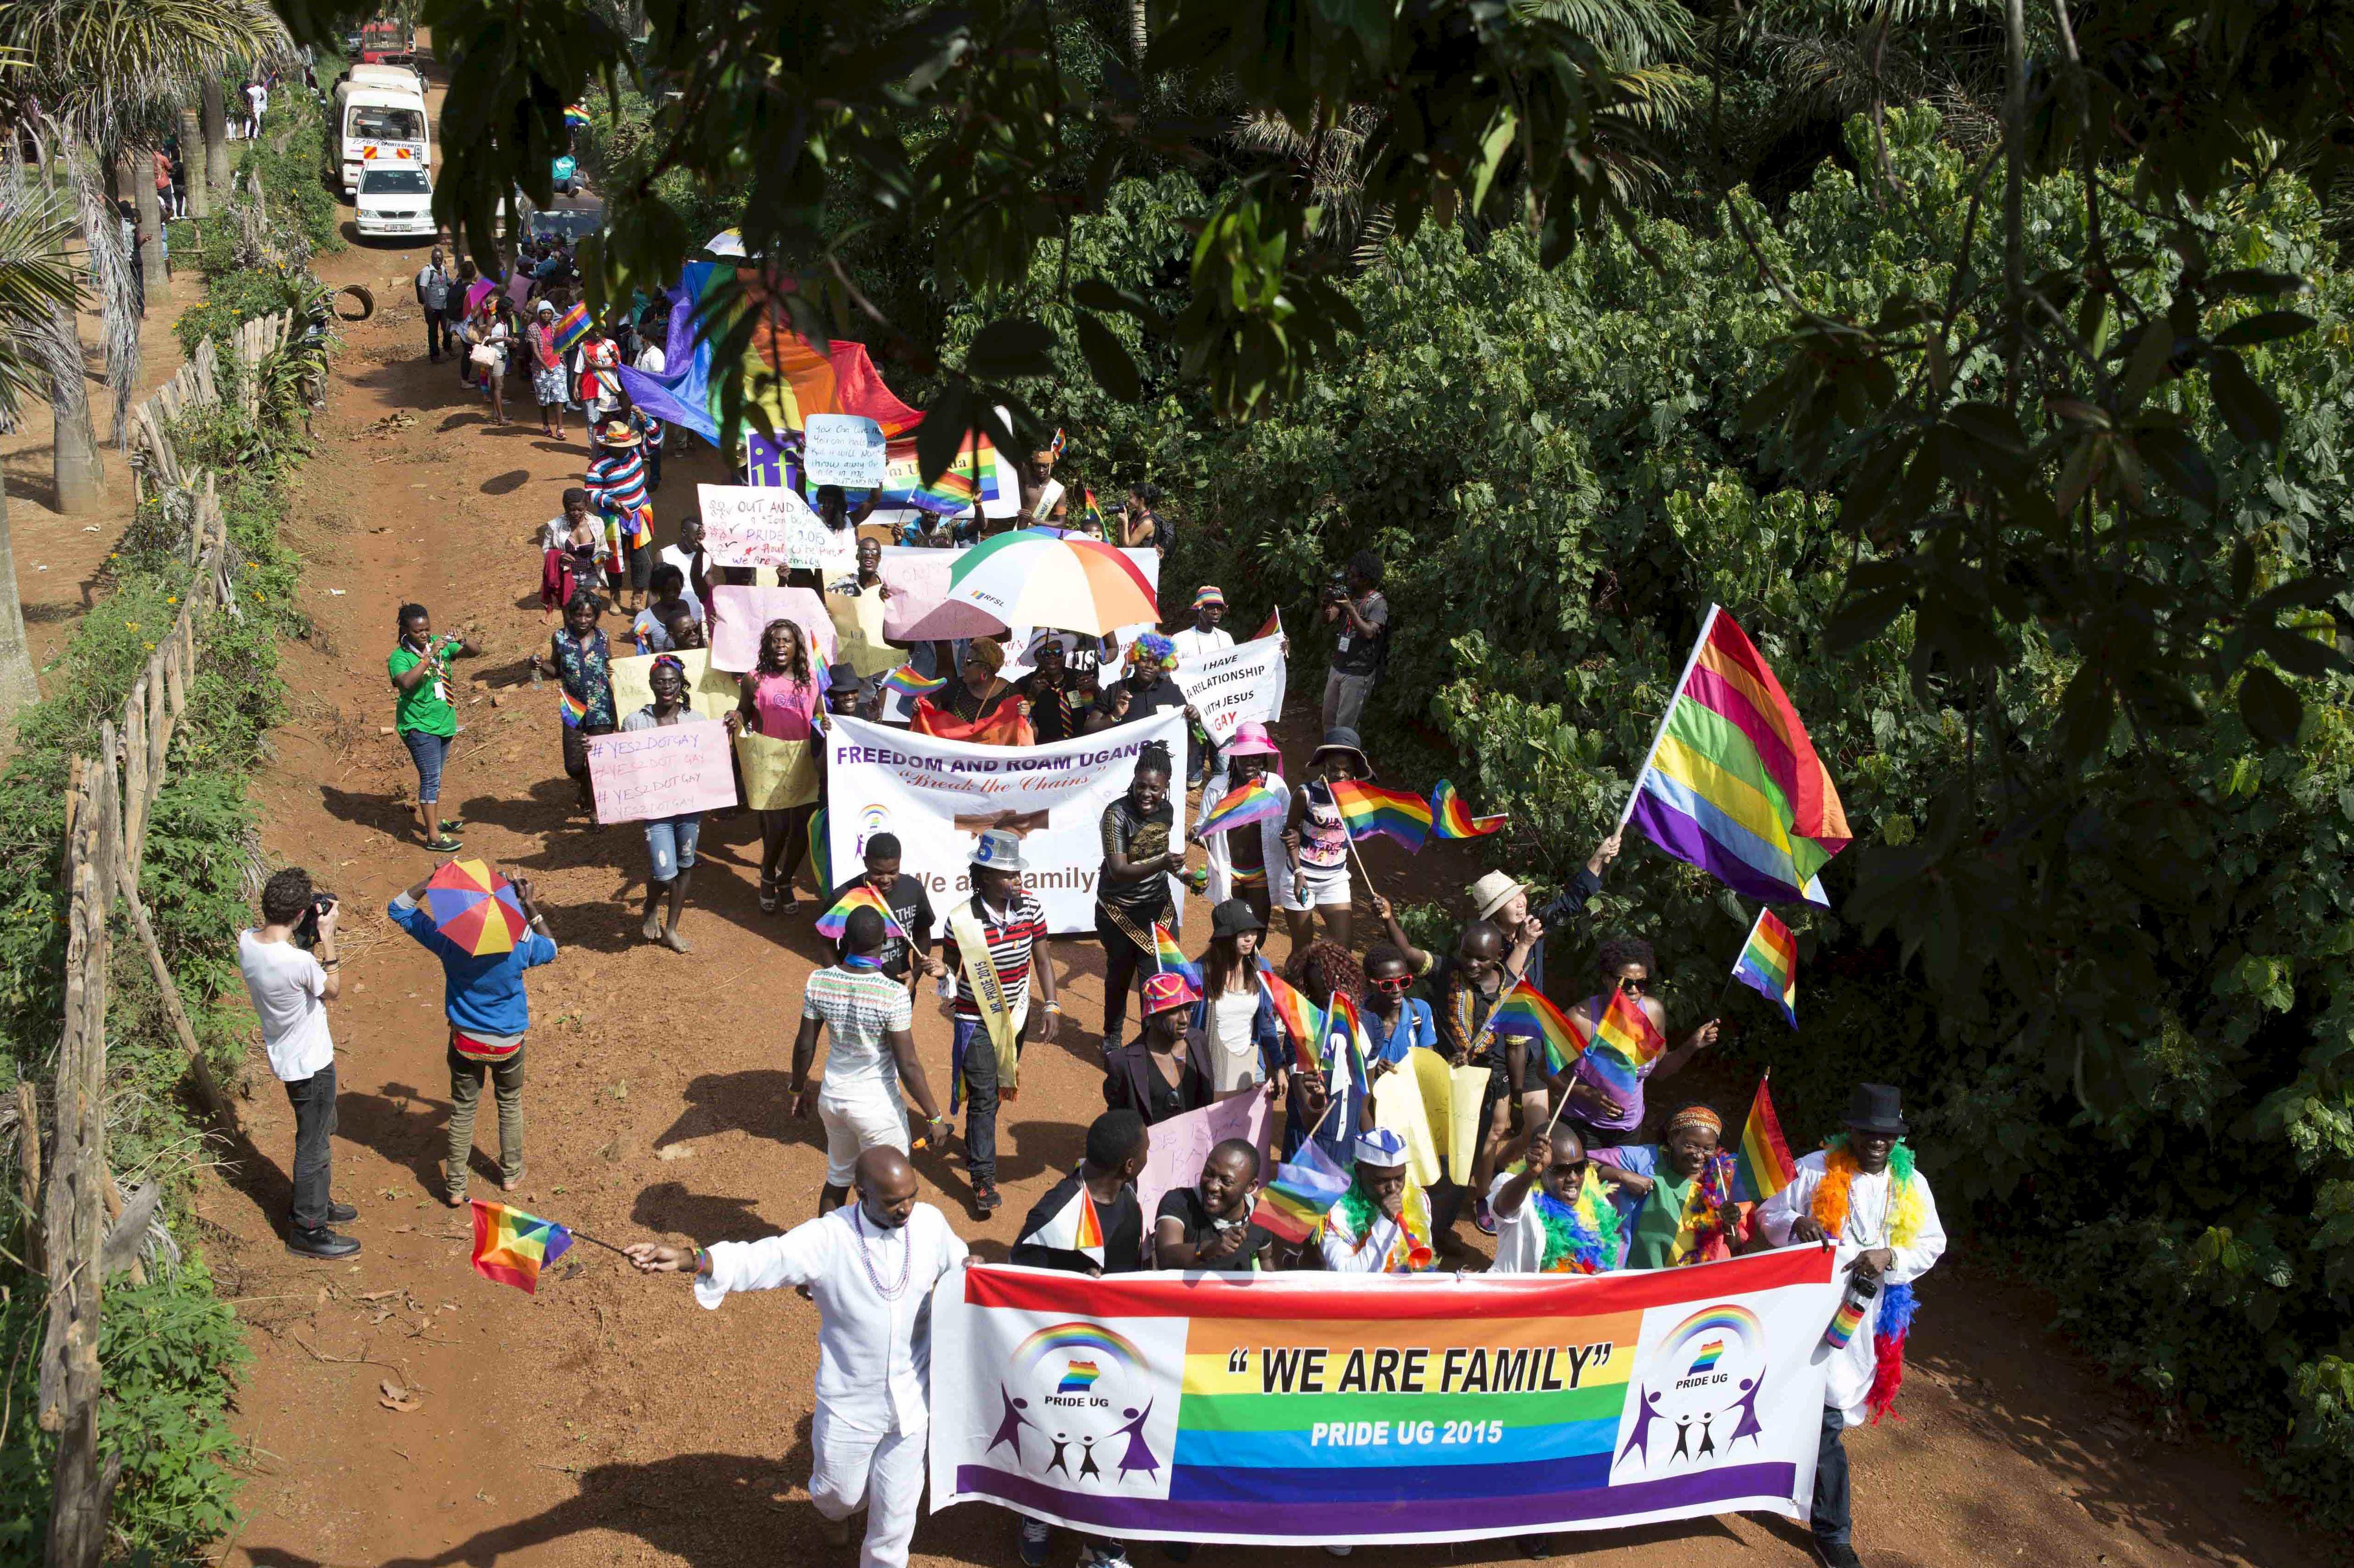 udland uganda kan bevise homoseksualitet